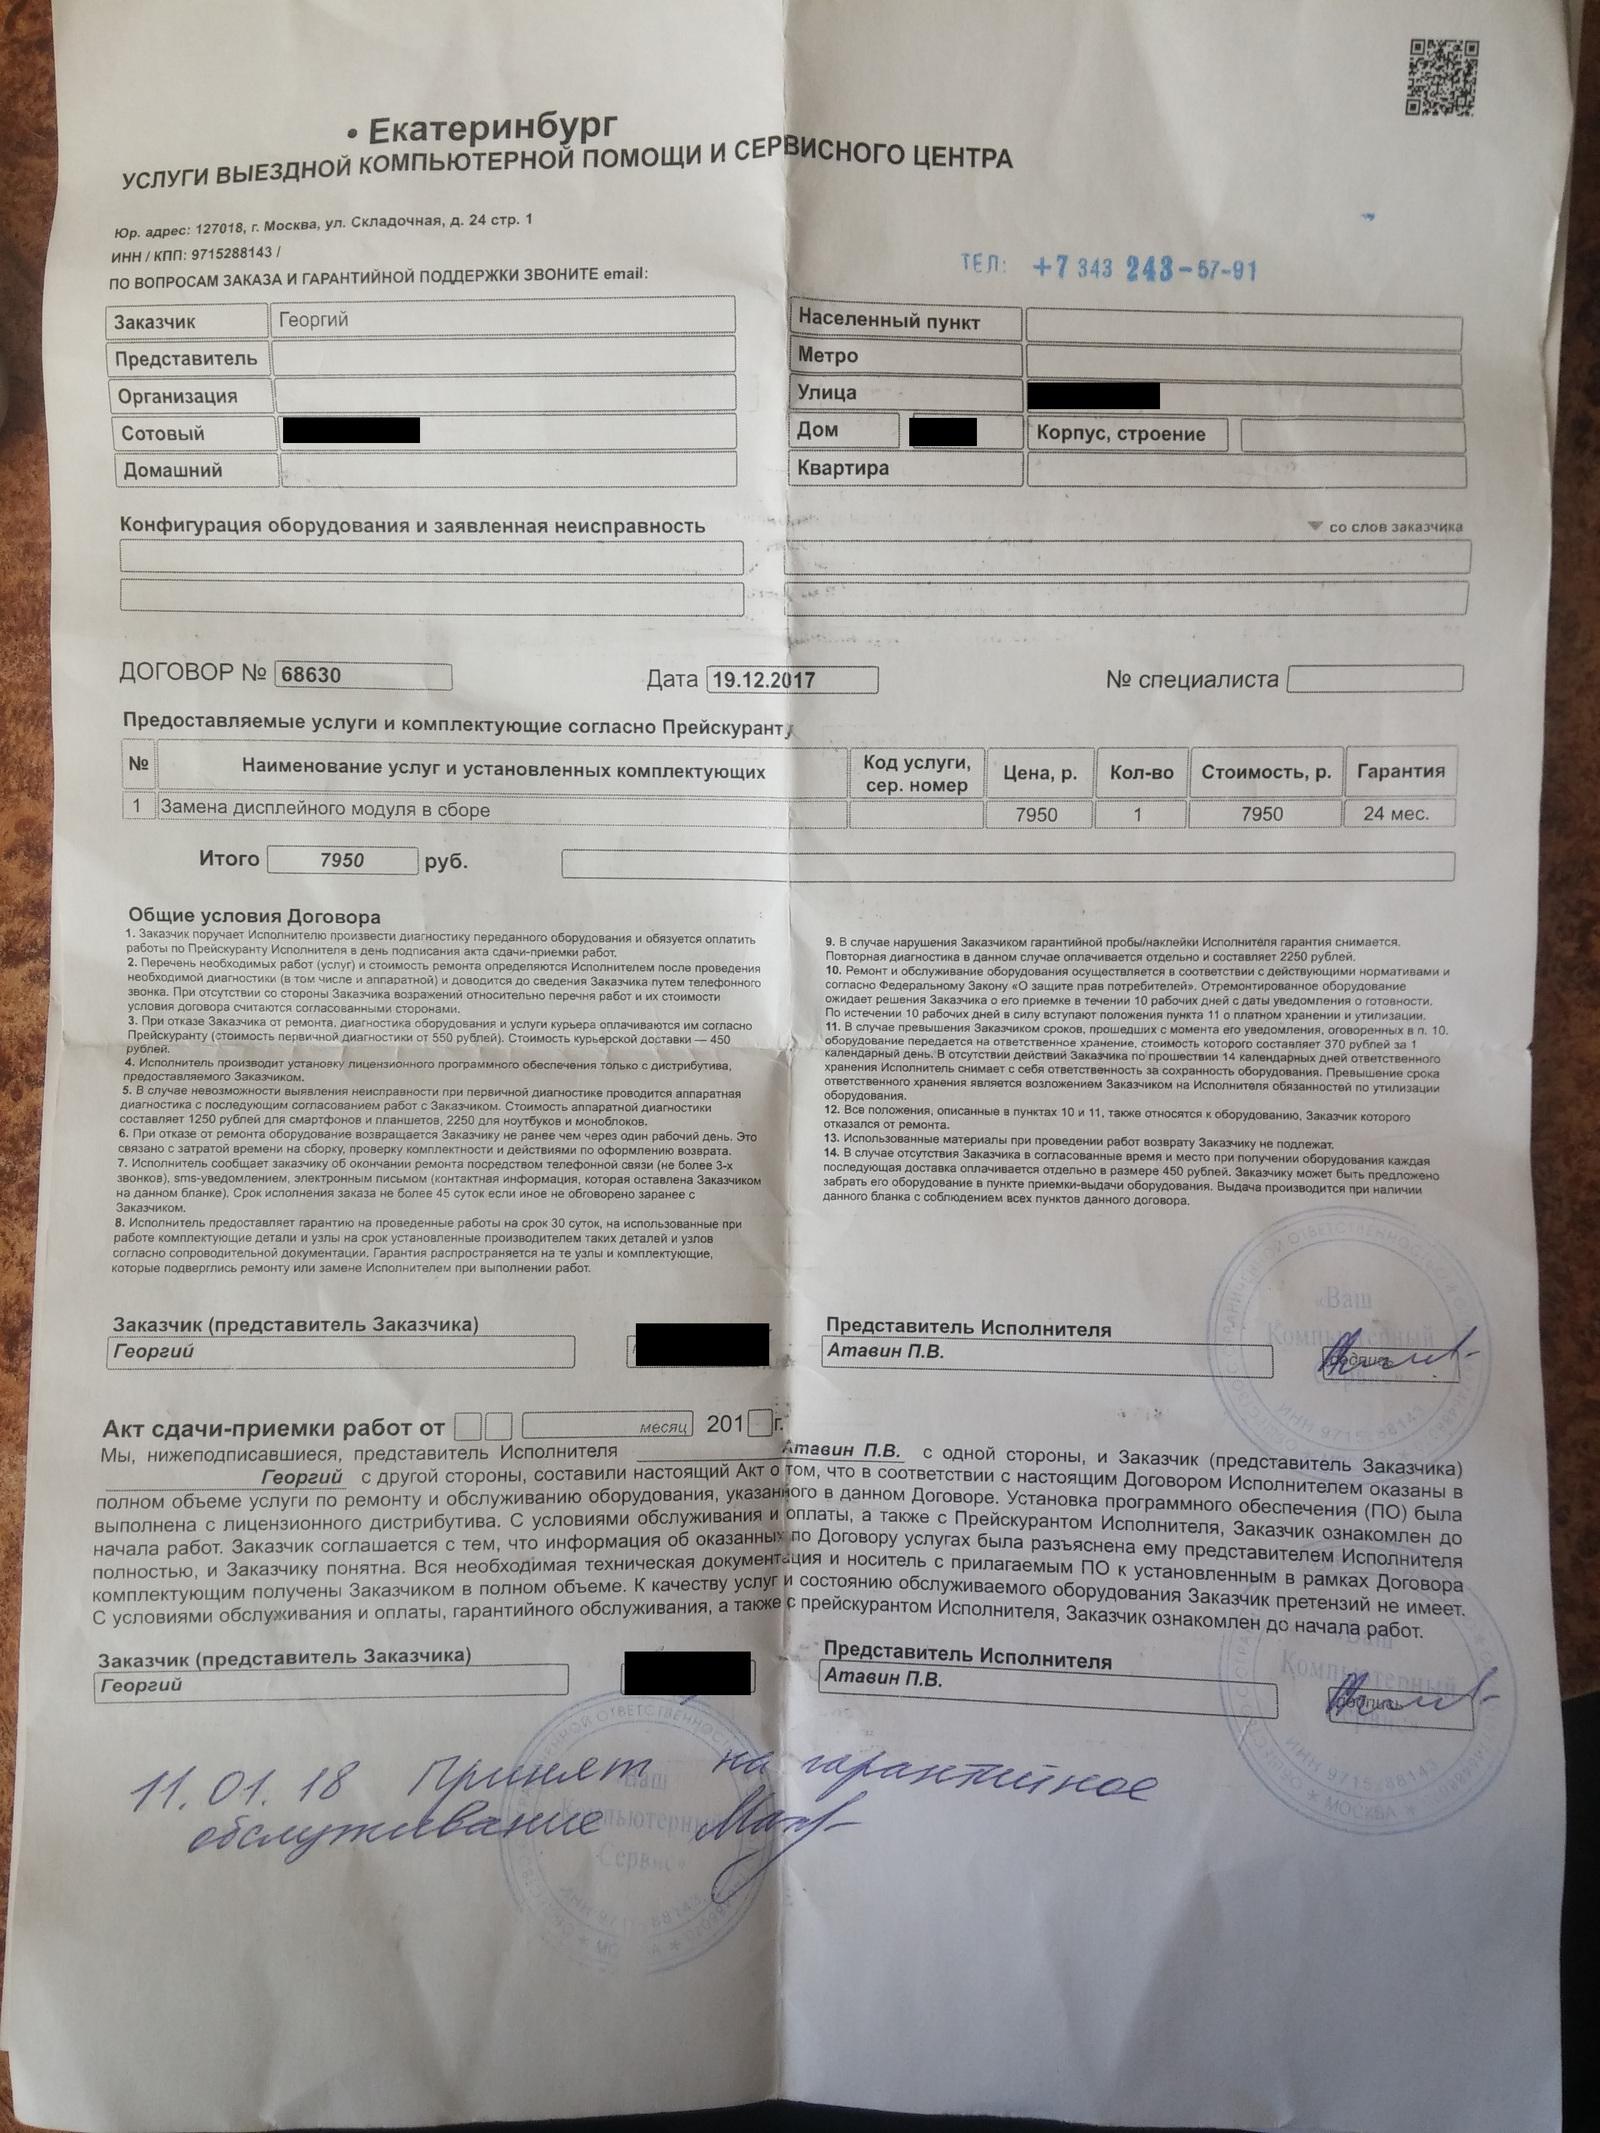 База данных водительских удостоверений гибдд